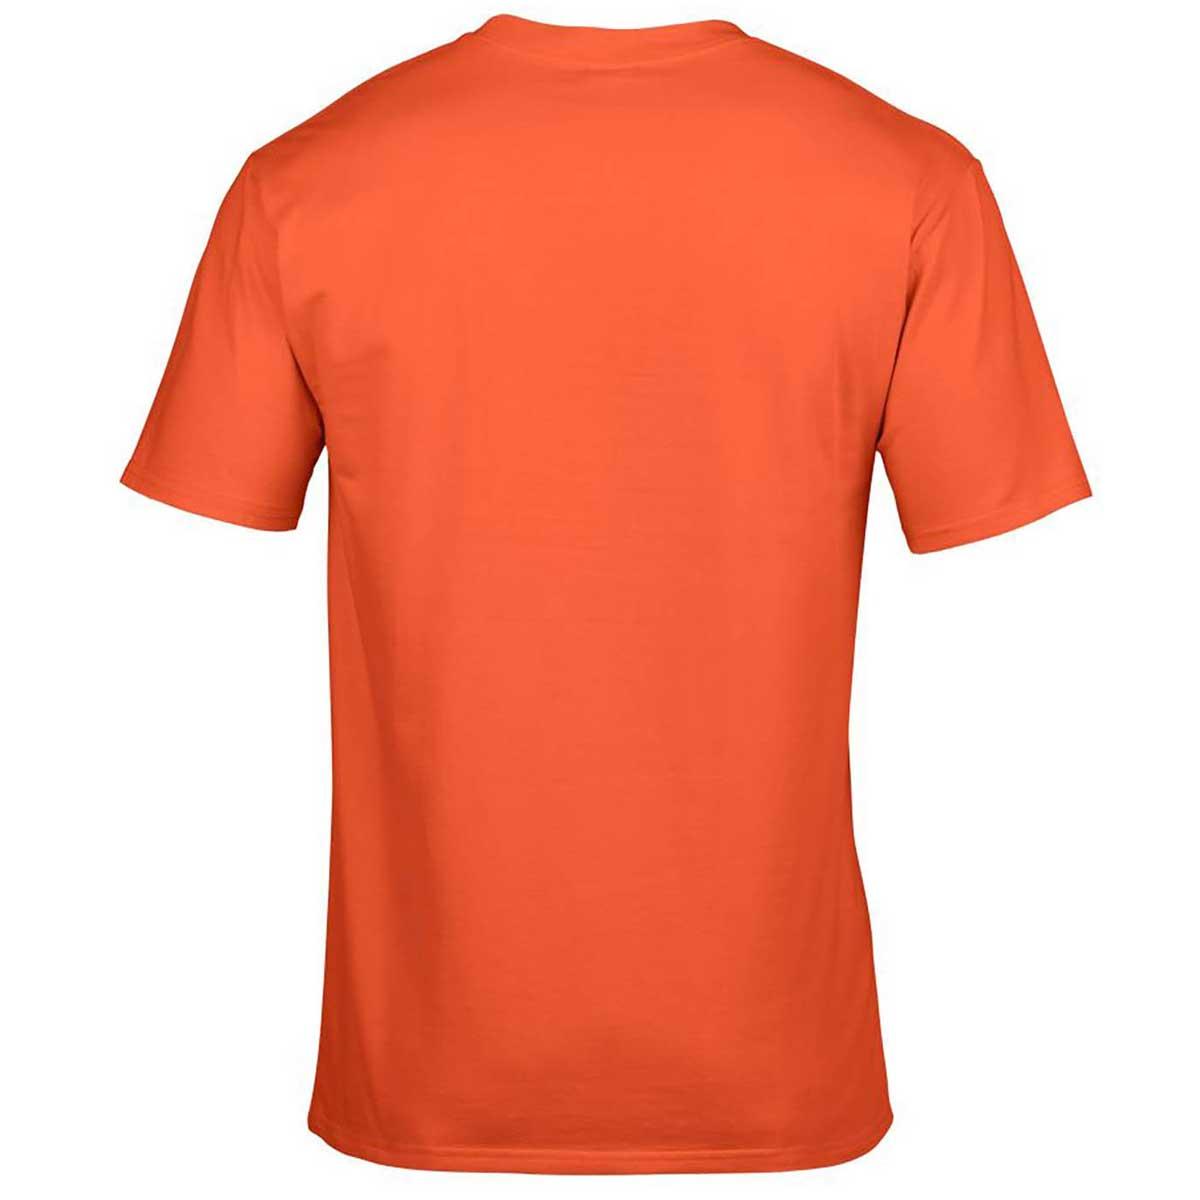 05_gd002_orange--0-0--e71c7b6f-e2bd-4161-9a52-449e6d40dbcc